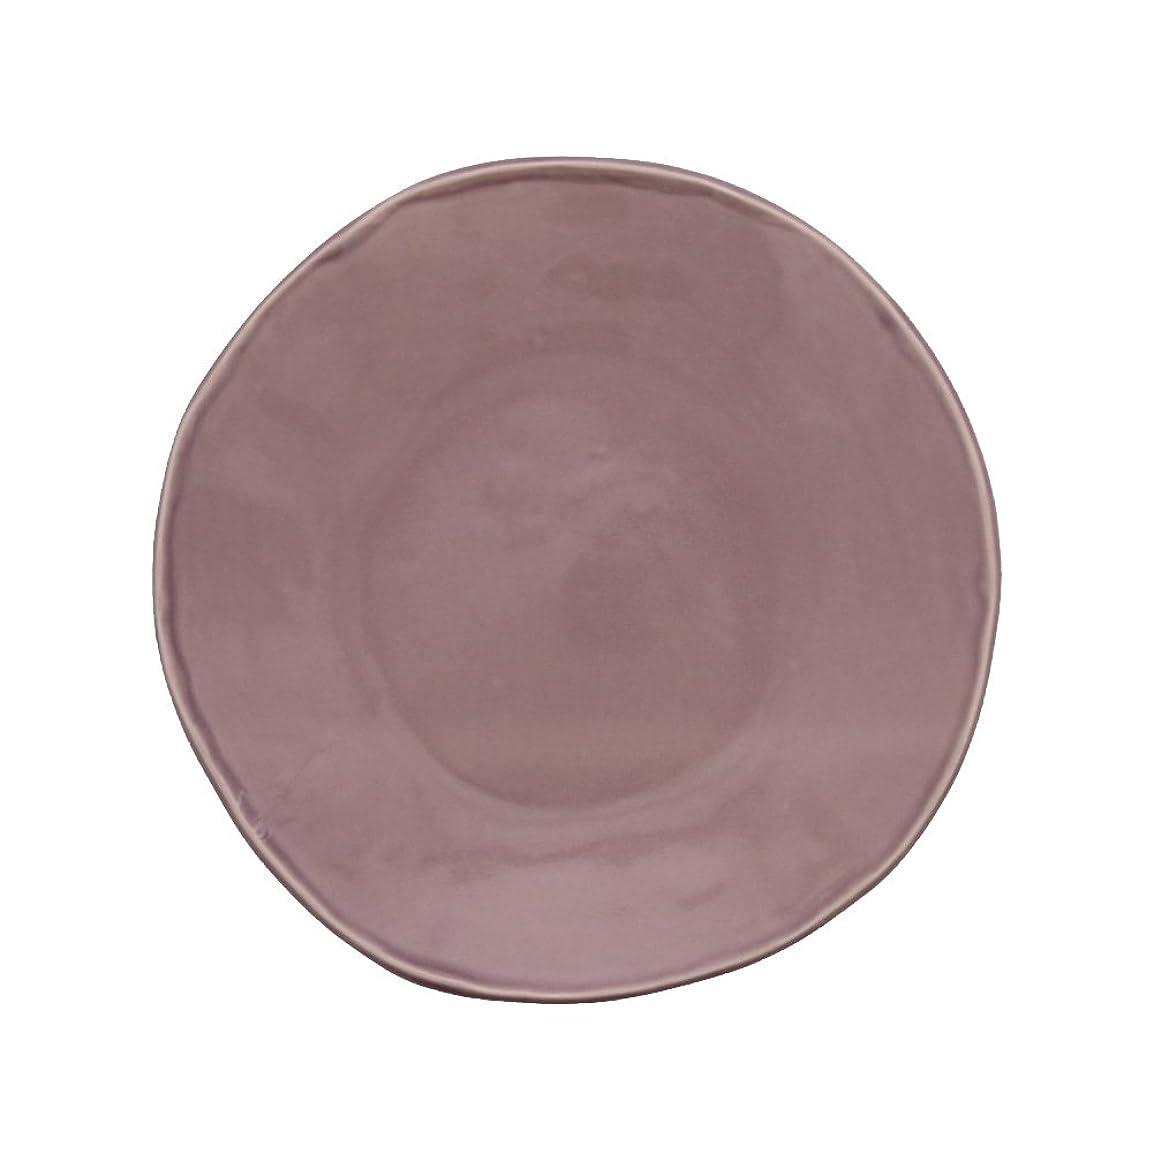 知覚するロードされた代わってEstmarc(エストマルク) 中皿 17.5cm shabby-chic プレート お皿 食器 (パープル, 中皿)